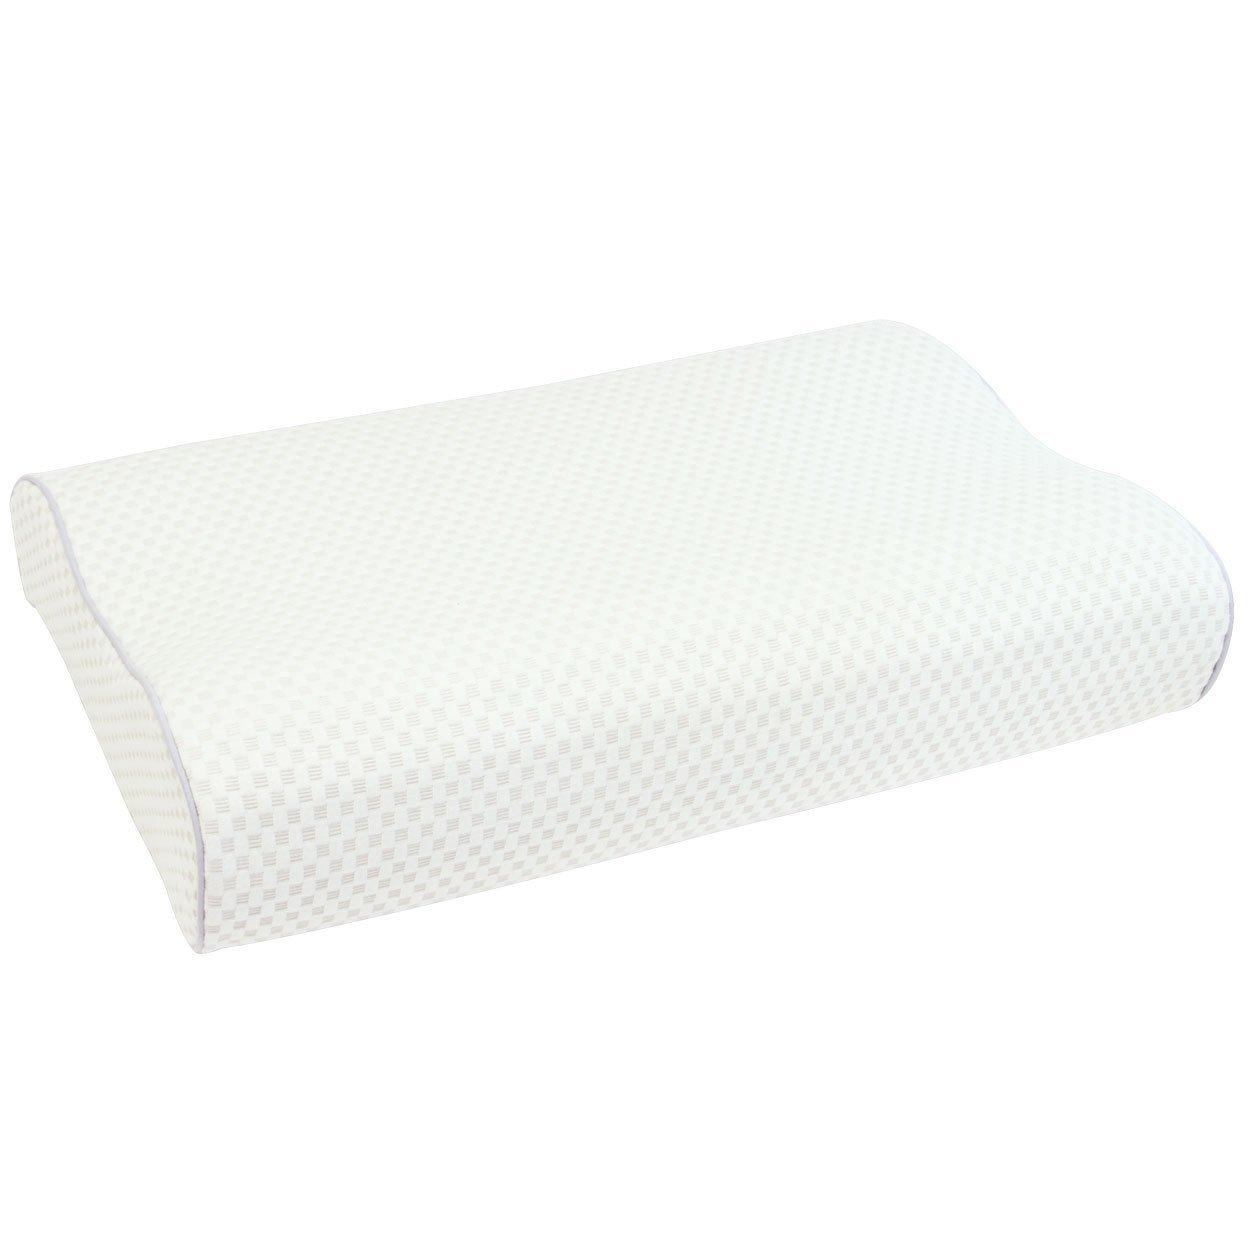 rexa×フランスベッド エアレートピロー(低反発枕) ホワイト